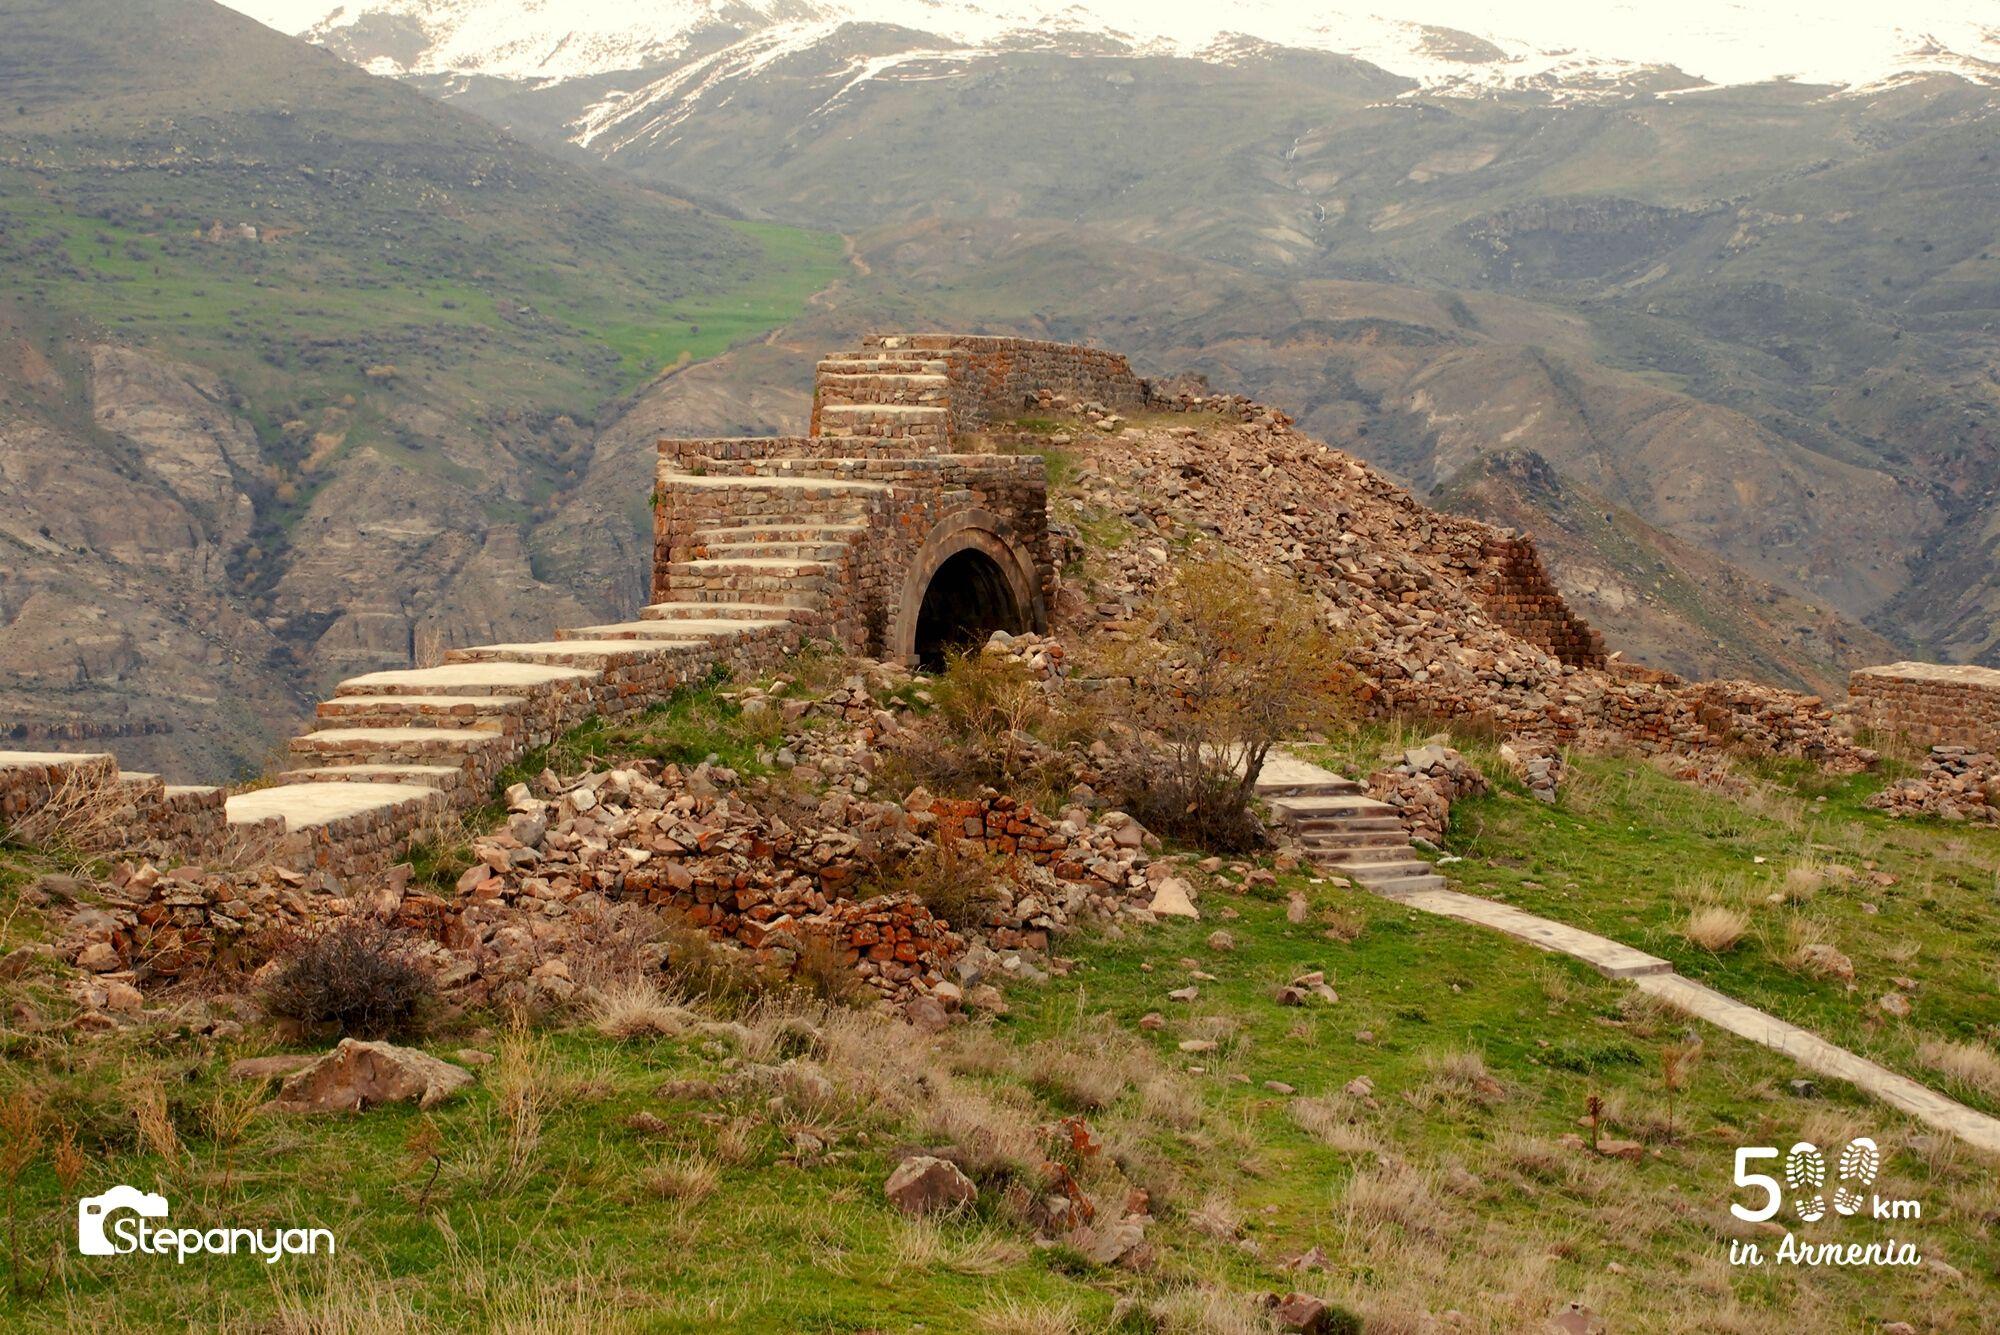 Սմբատաբերդ - 500 կմ Հայաստանում